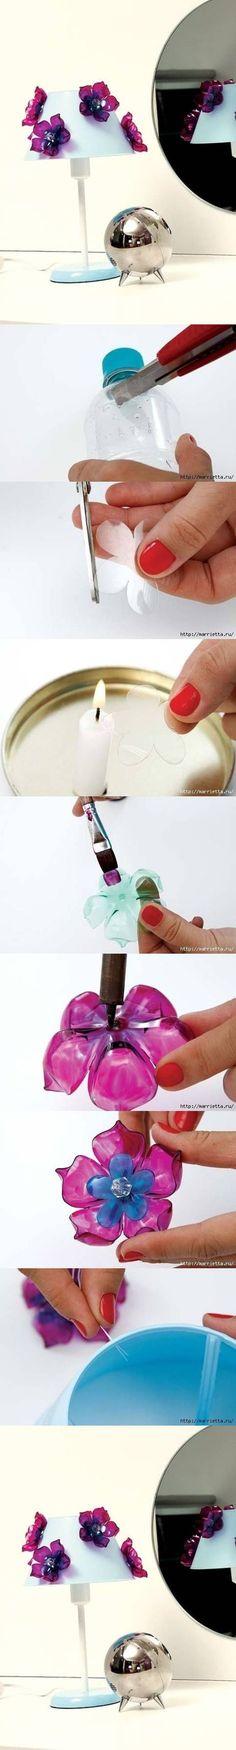 Como fazer uma flor de garrafa PET simples | Reciclagem no Meio Ambiente